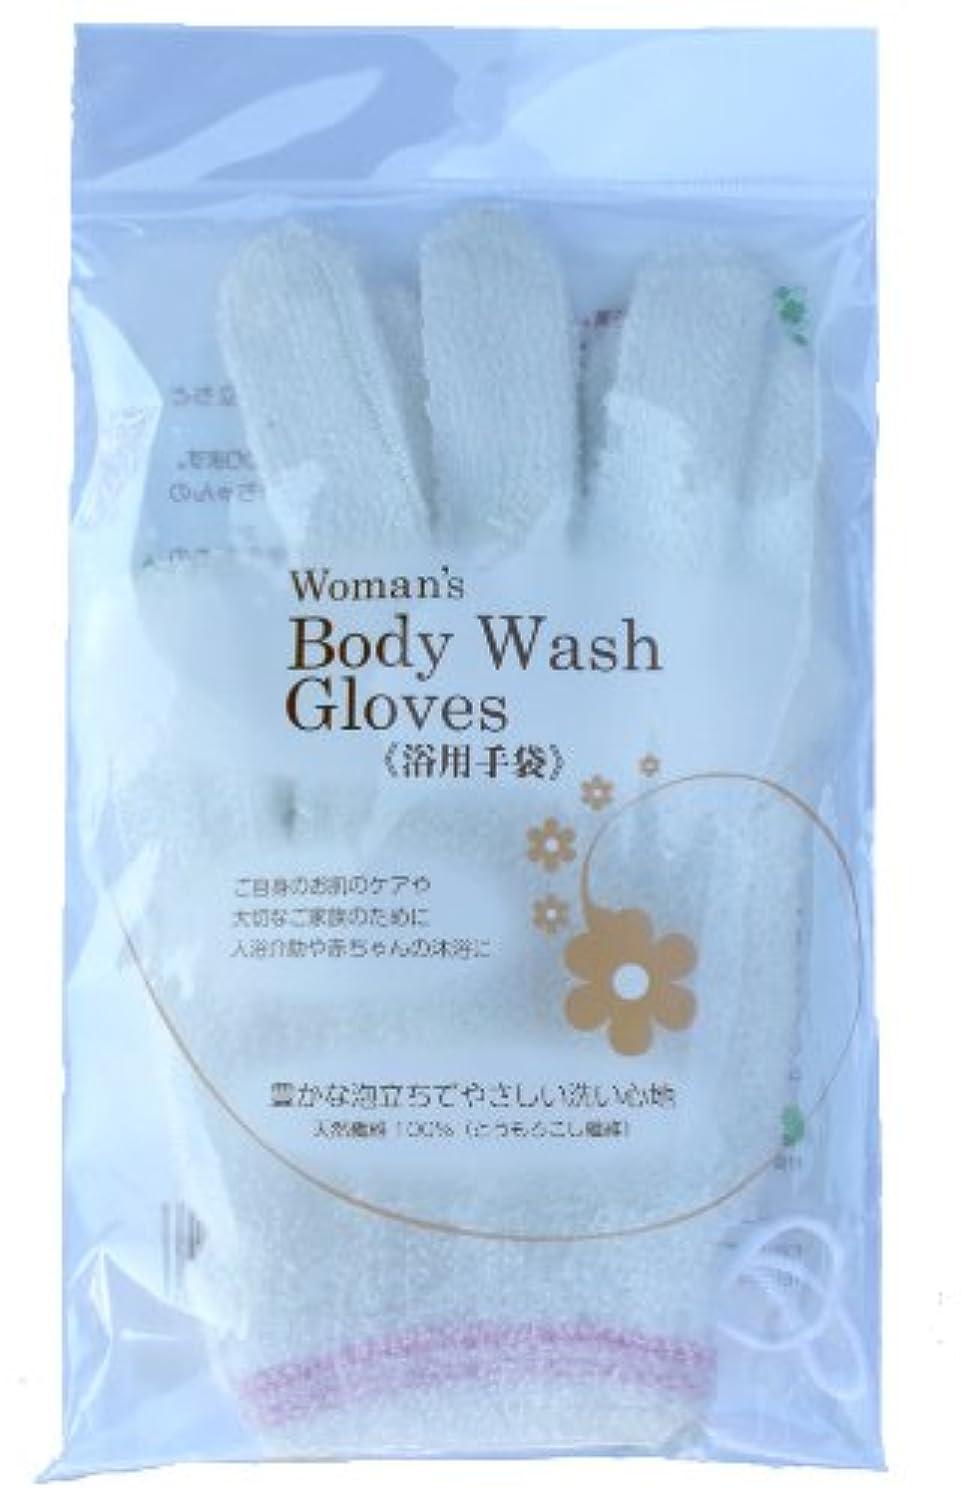 ラリーベルモント隣接する遮るエフケー工業 Body Wash Gloves (浴用手袋)